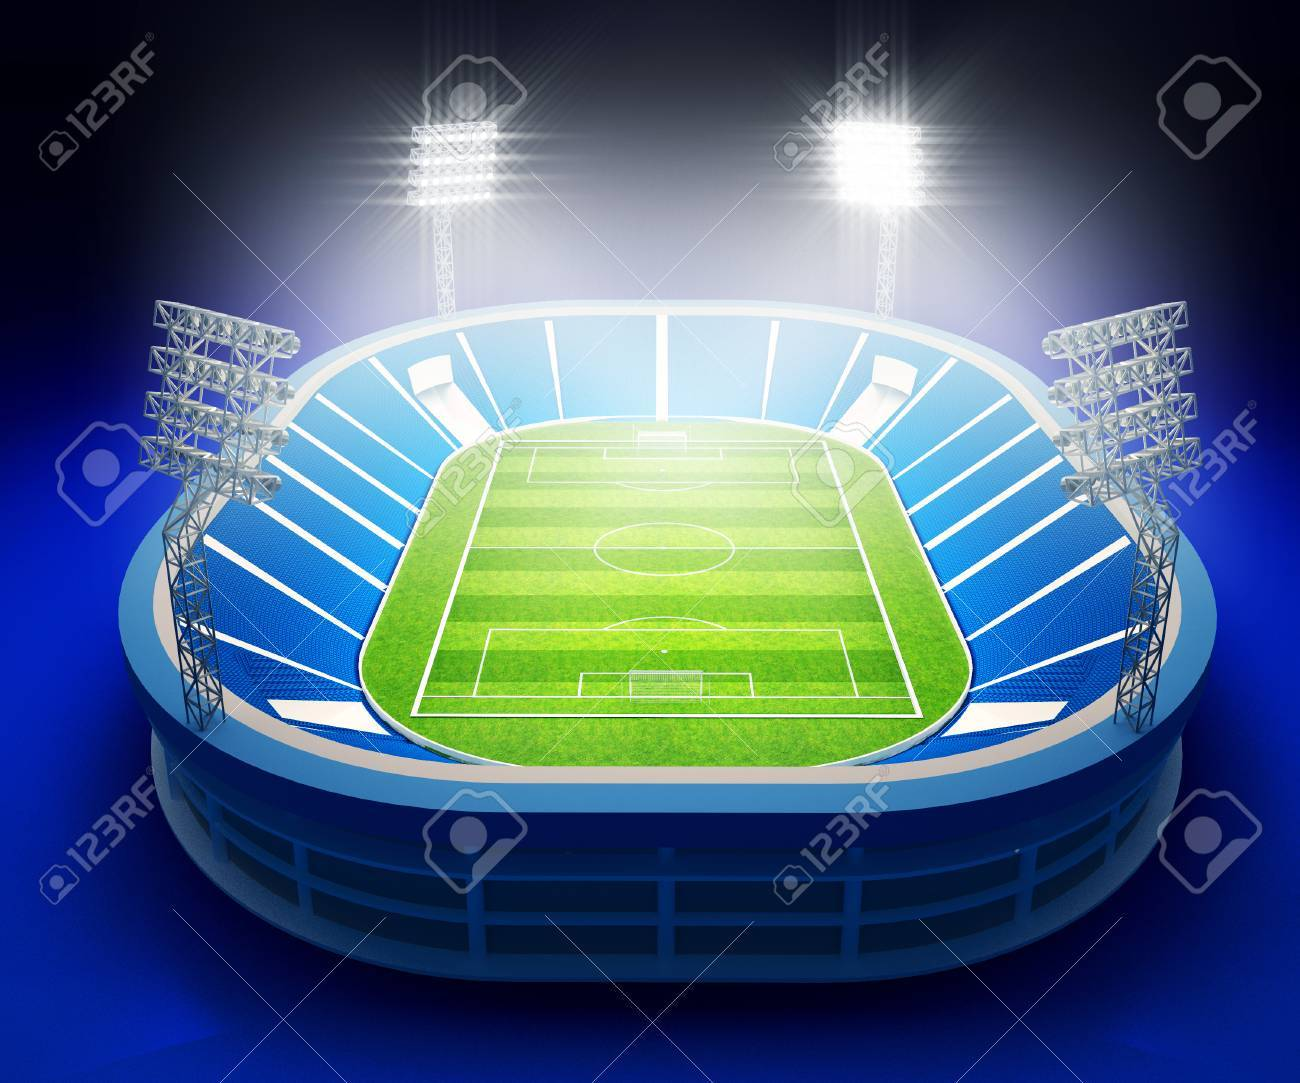 3d illustration du stade avec terrain de soccer avec les lumières sur fond  bleu foncé